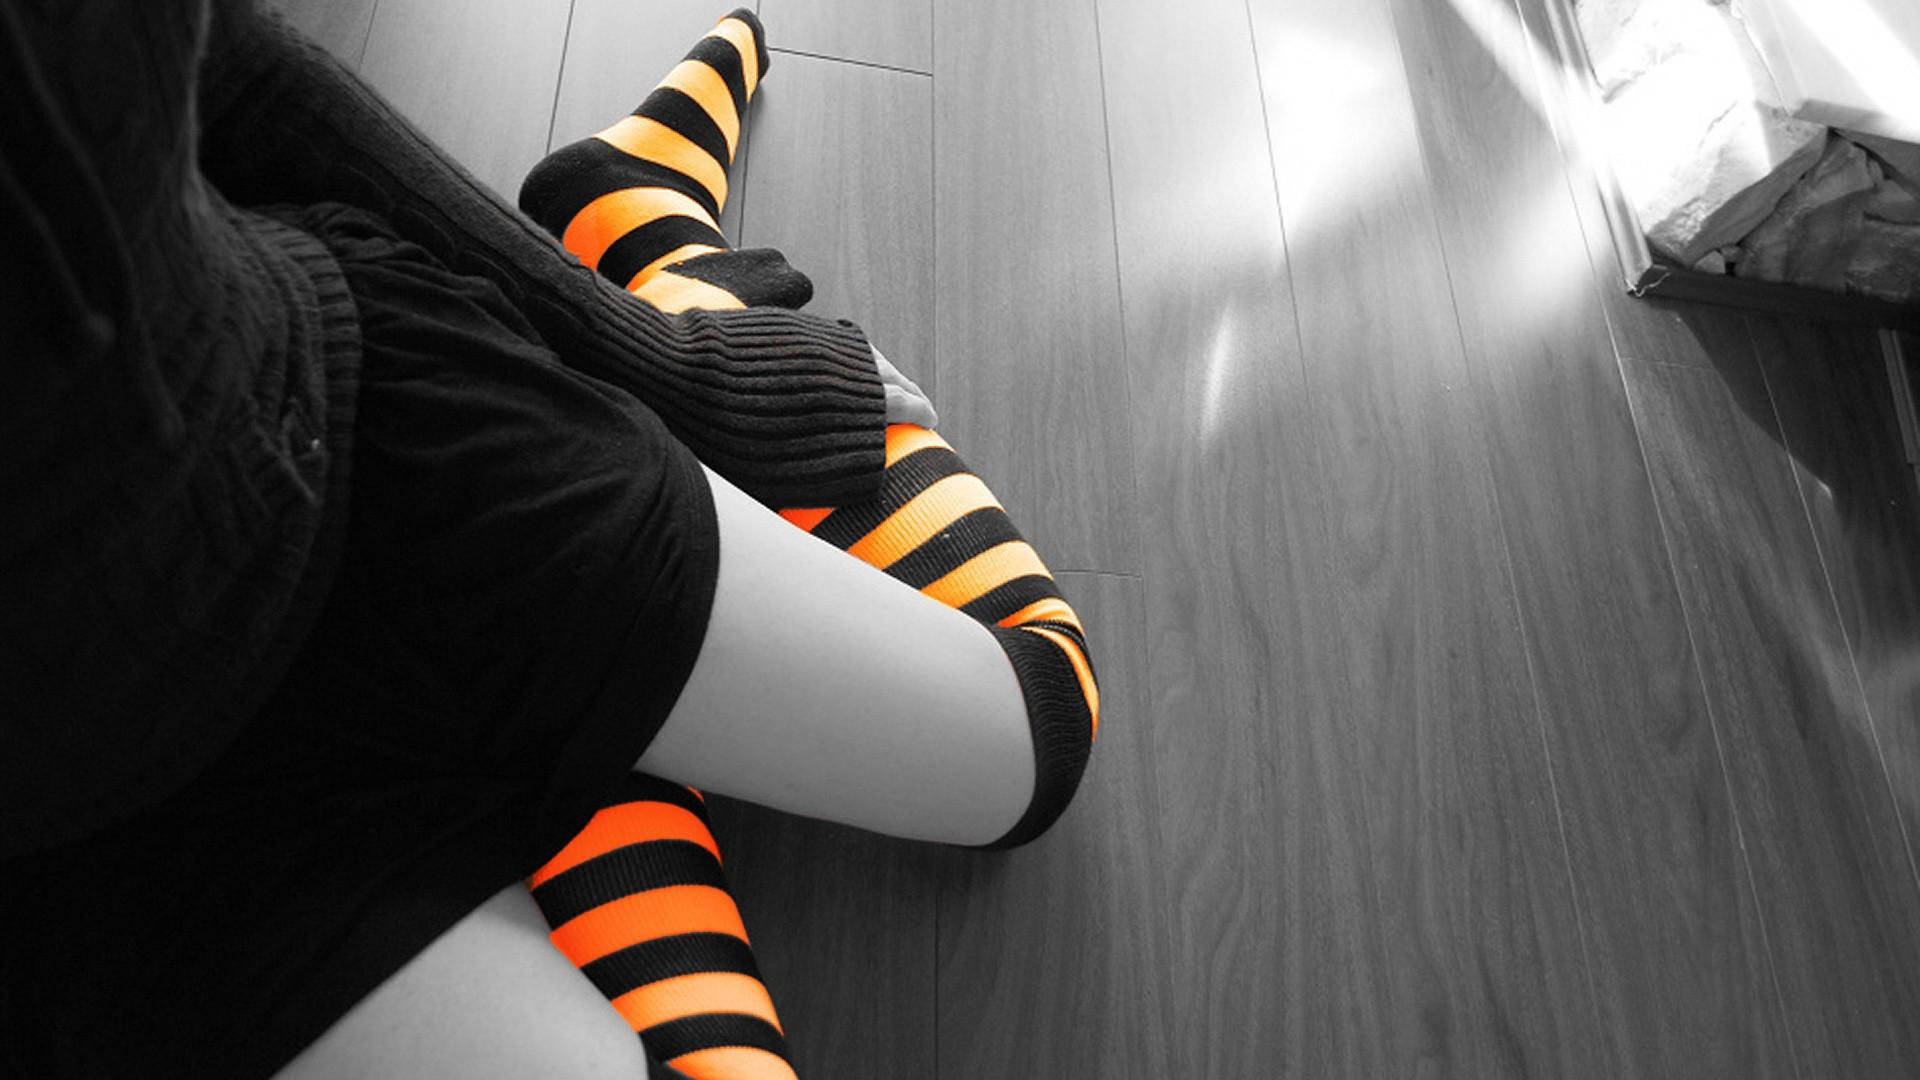 Hintergrundbilder : Weiß, schwarz, Brille, Selektive Färbung, Gelb ...